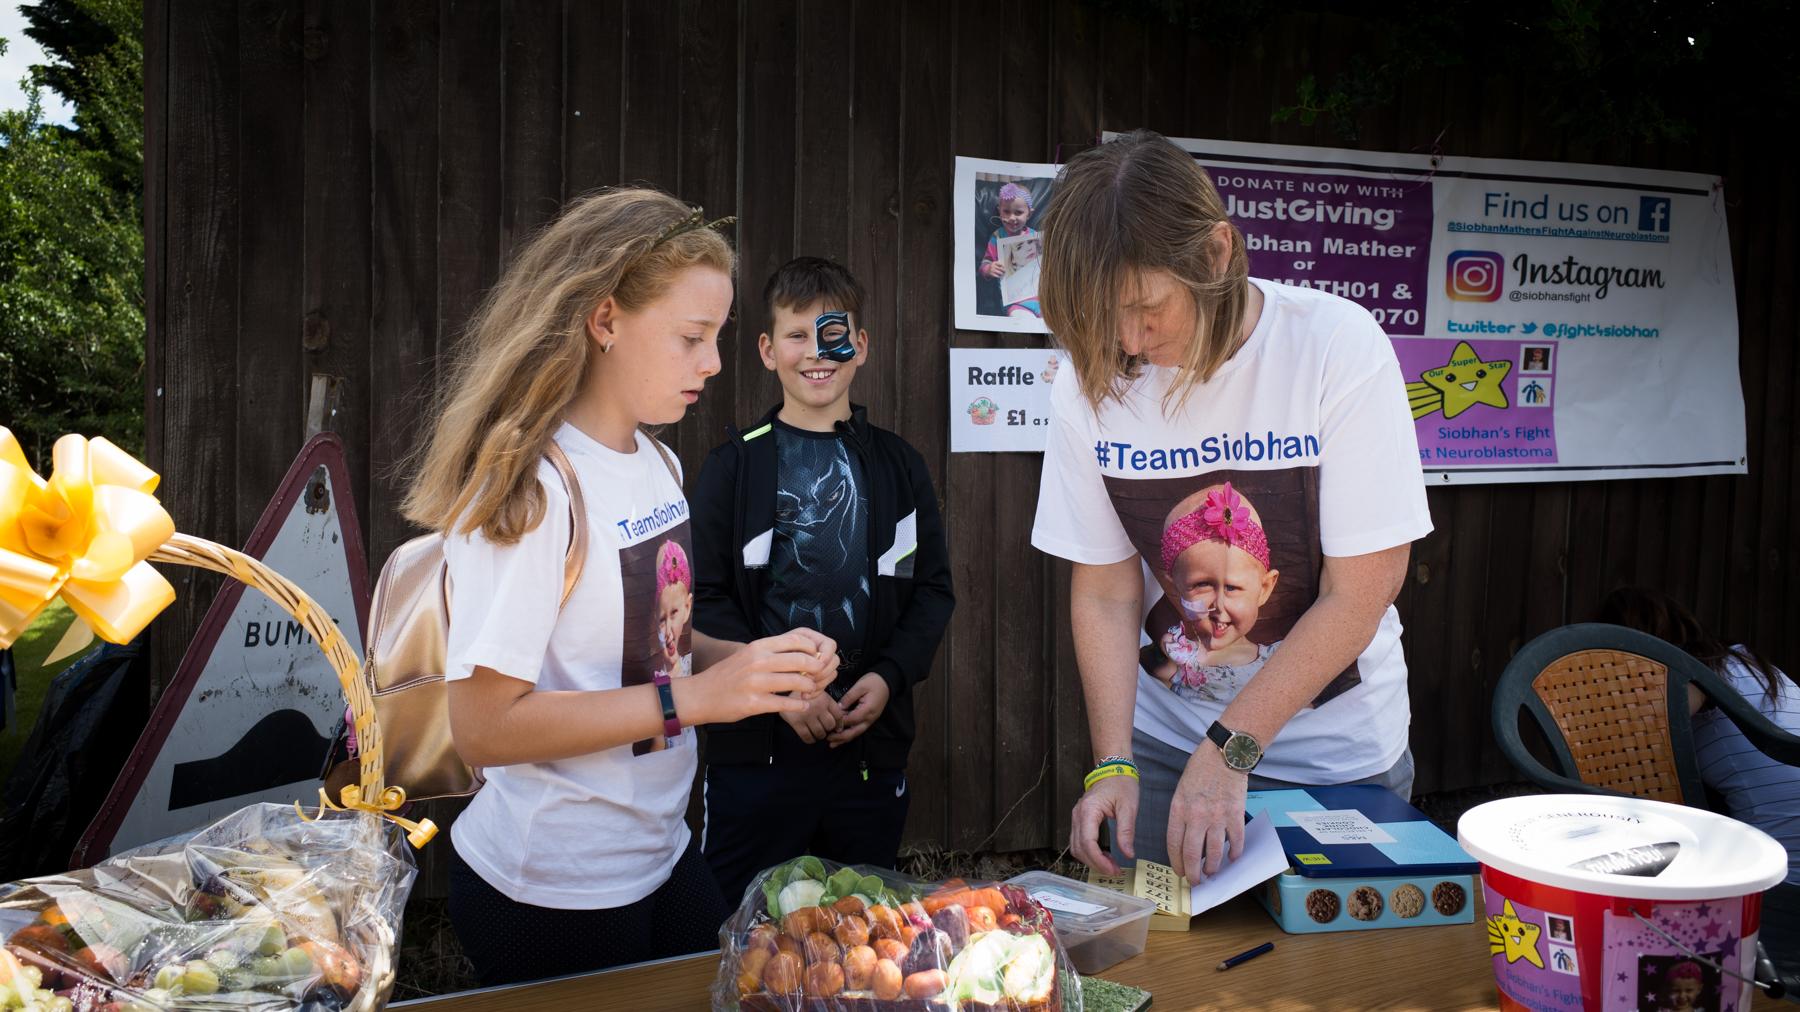 Cake and Basket of fruit raffle prizes.